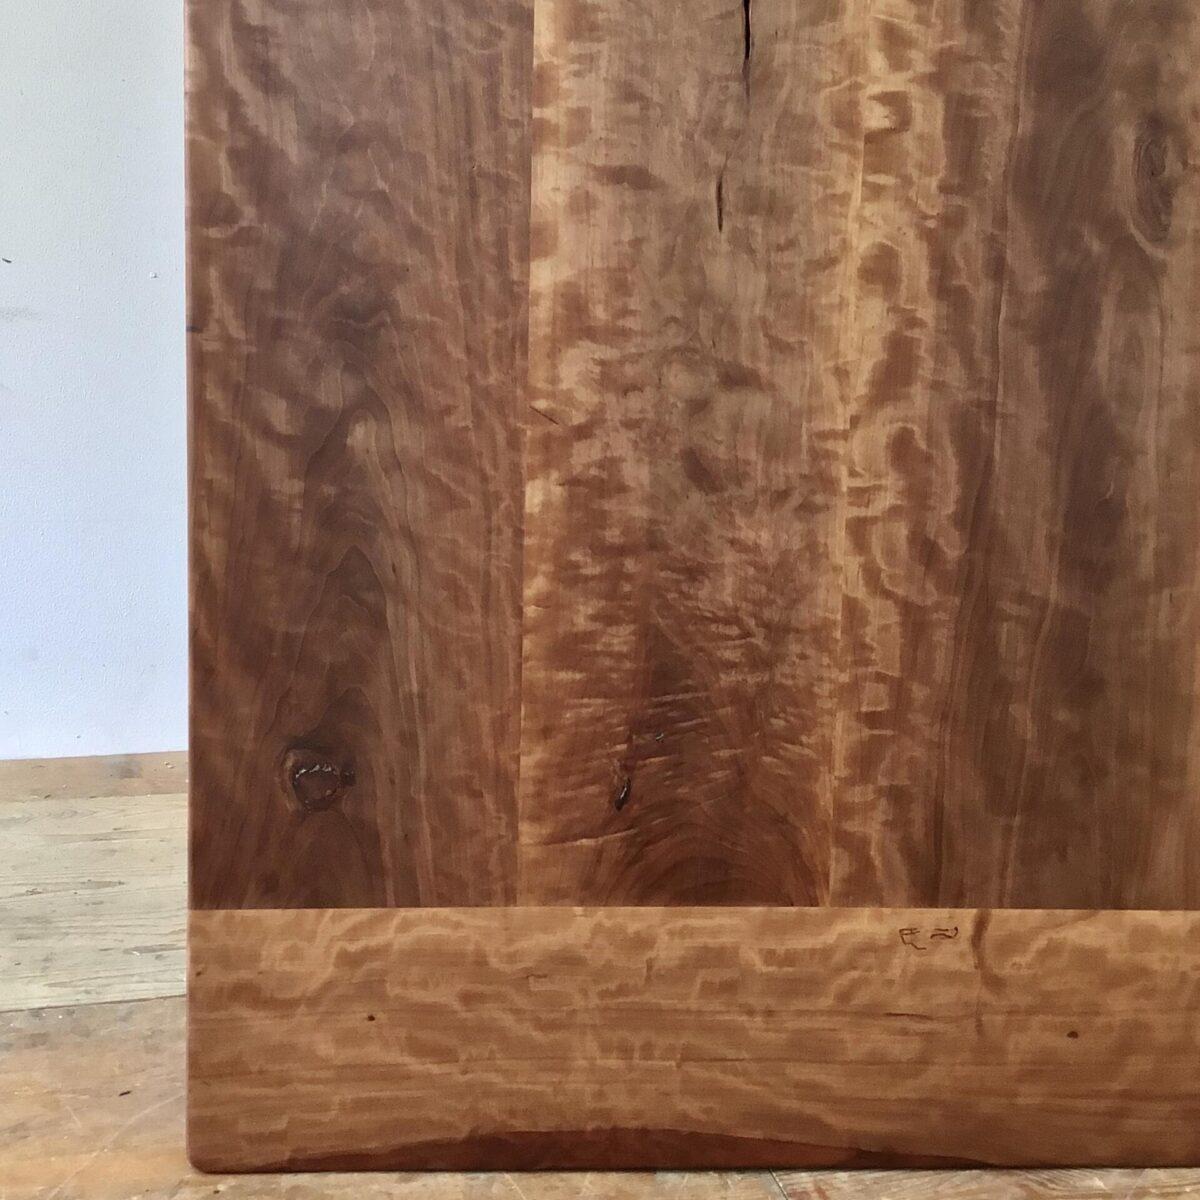 Alter Kirschbaum Beizentisch mit Horgenglarus Gussfüssen. 221x77cm Höhe 75cm. Tischblatt aufbereitet, teilweise frisch verleimt, Oberfläche mit Naturöl behandelt. Spezielle wilde Holzmaserung, dunkel rotbraun. Der Tisch bietet Platz für bis zu 10 Personen. Die Stämmigen, und doch schlichten horgenglarus Füsse, haben eine braun-schwarze Alterspatina.